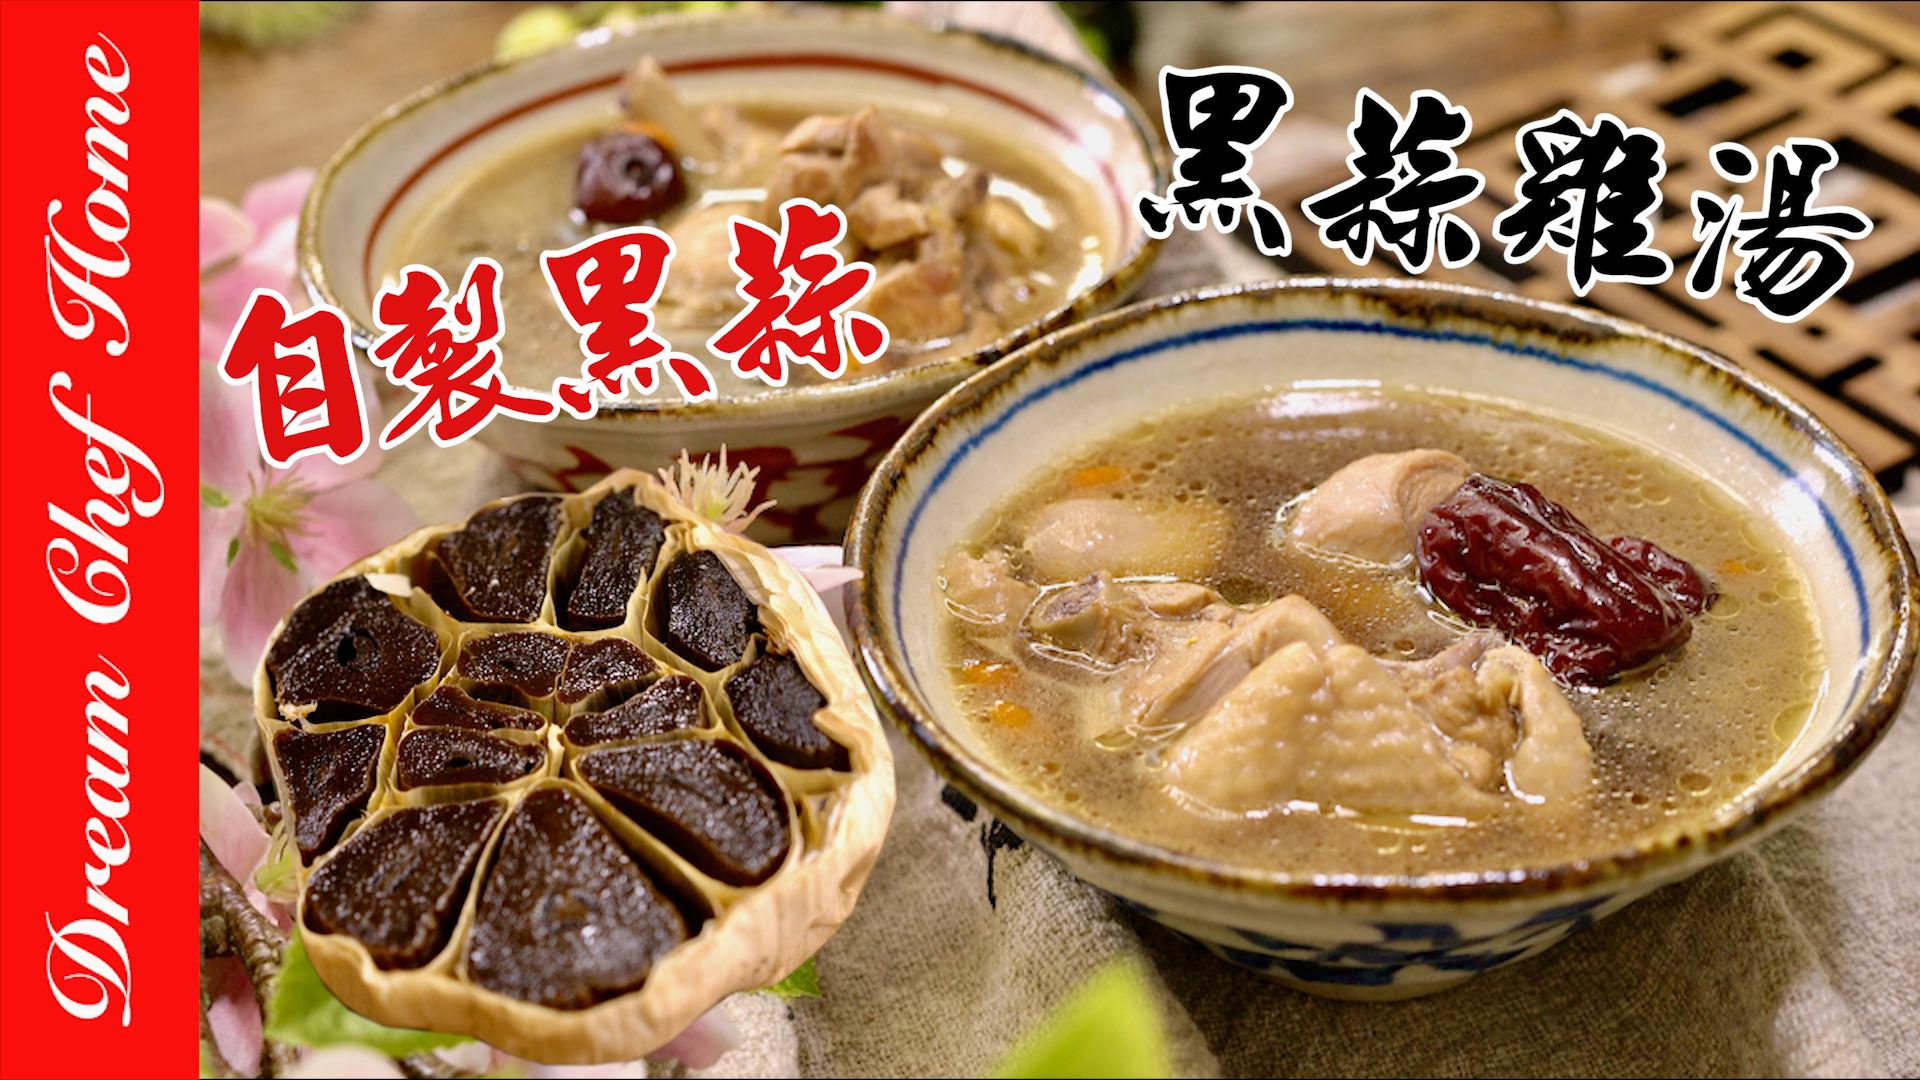 自製黑蒜&黑蒜雞湯,養生保食材自己做,簡易黑蒜發酵法!